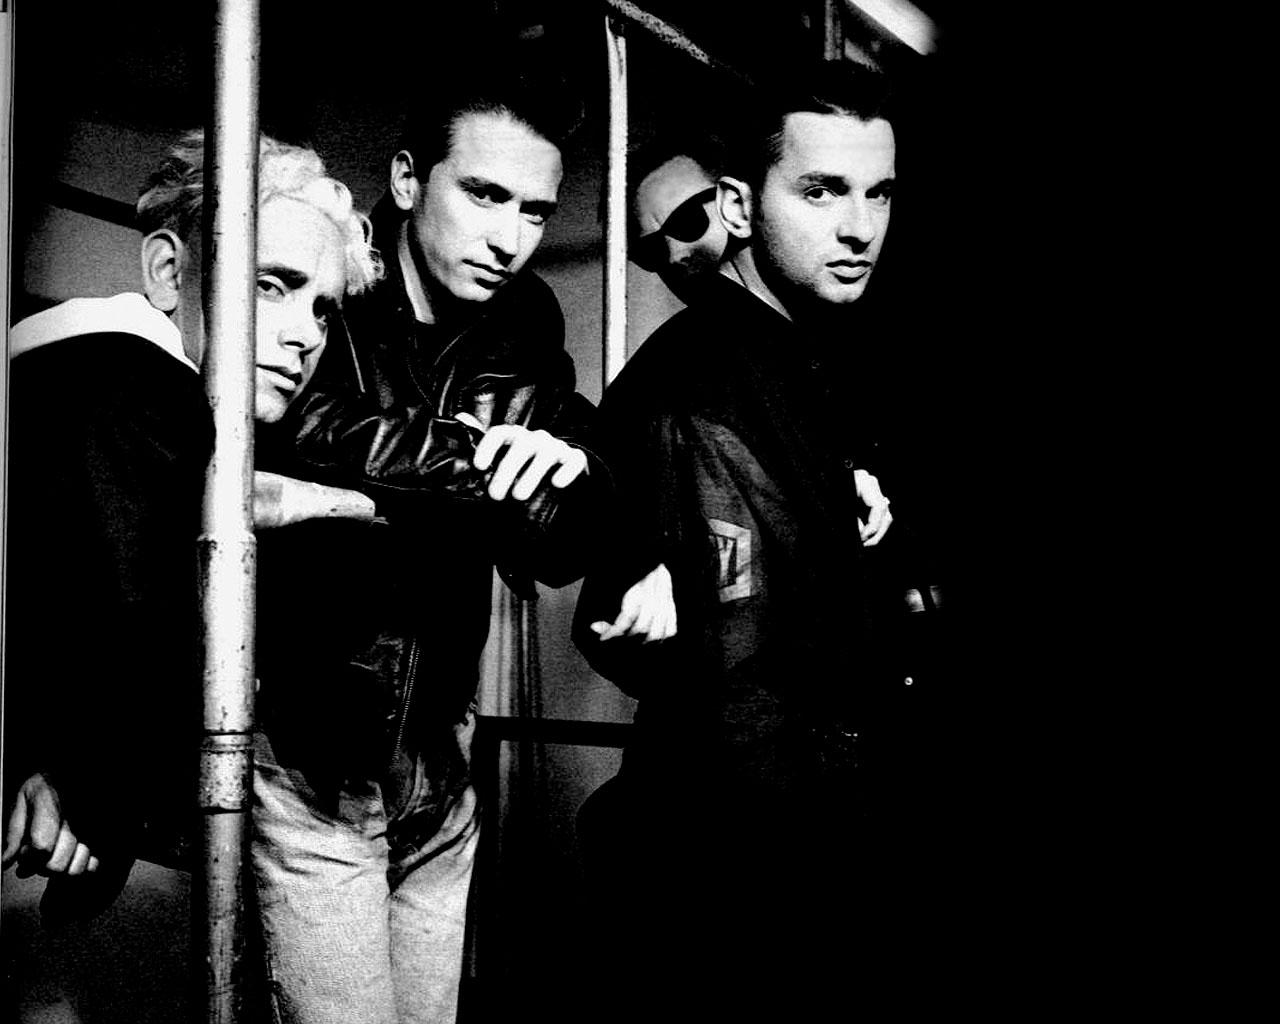 1995 depeche mode